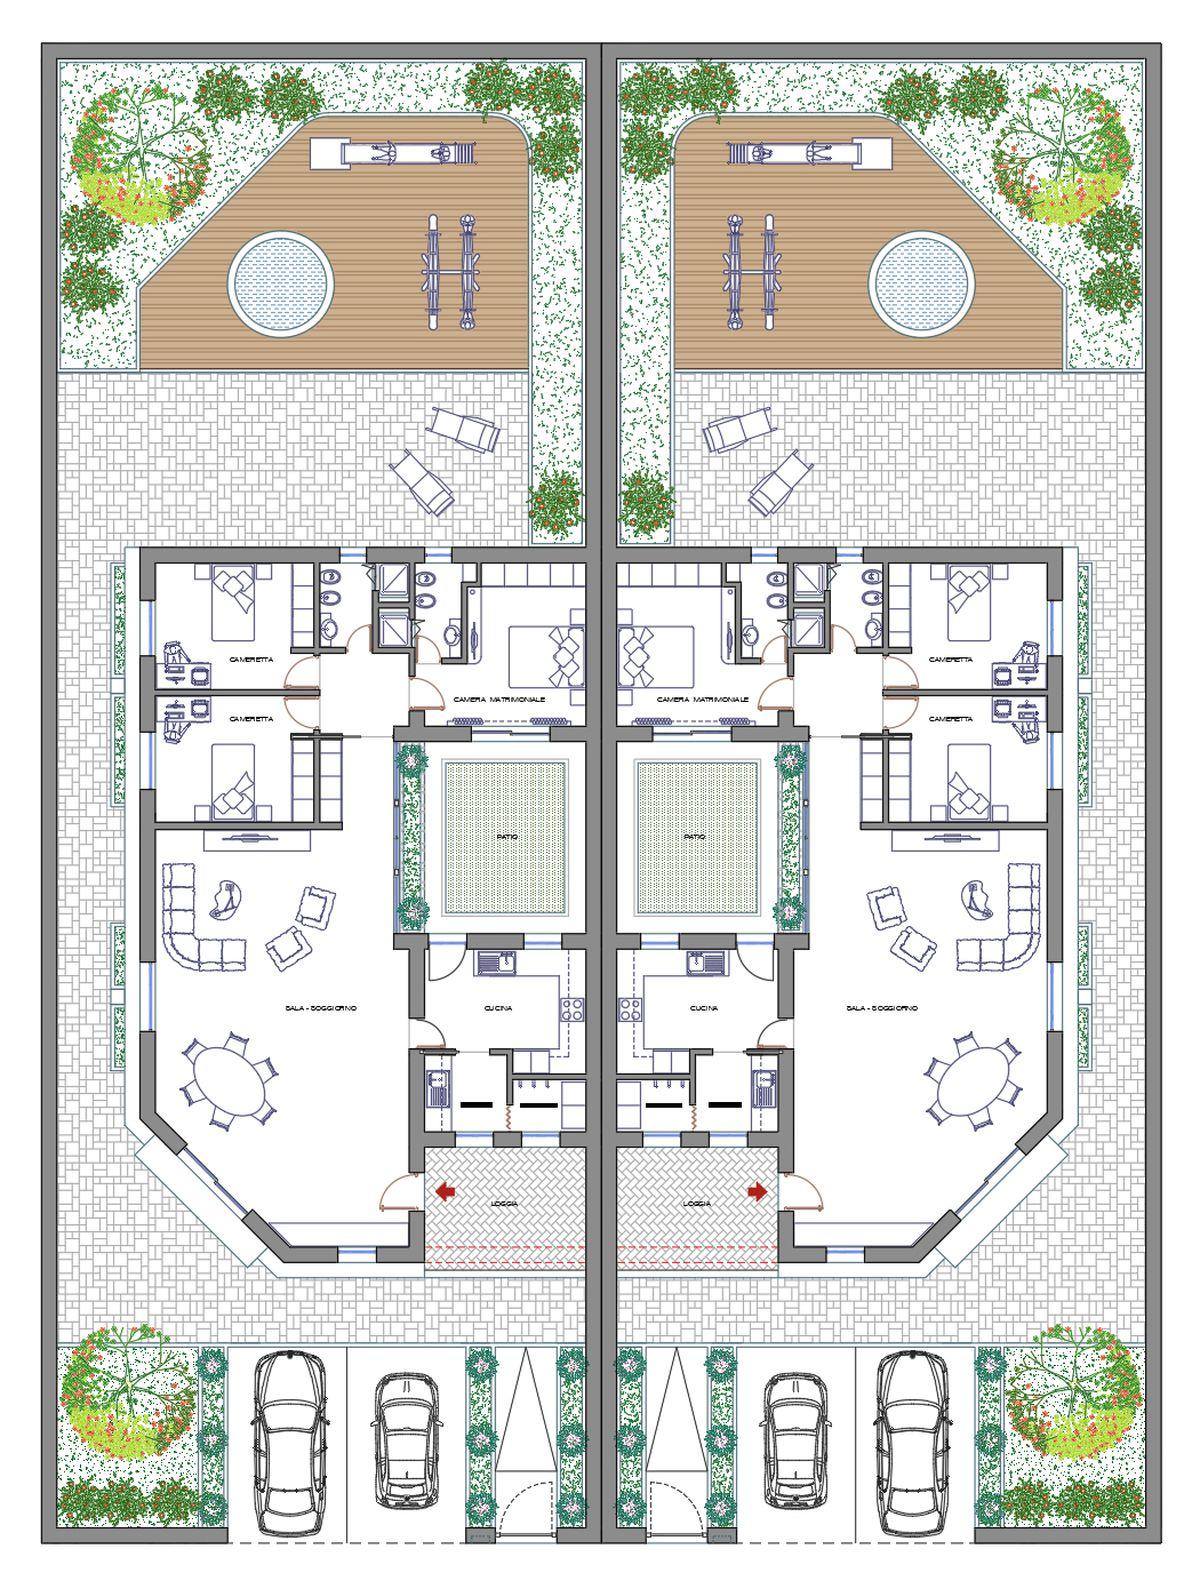 Casa con patio 06 dwg